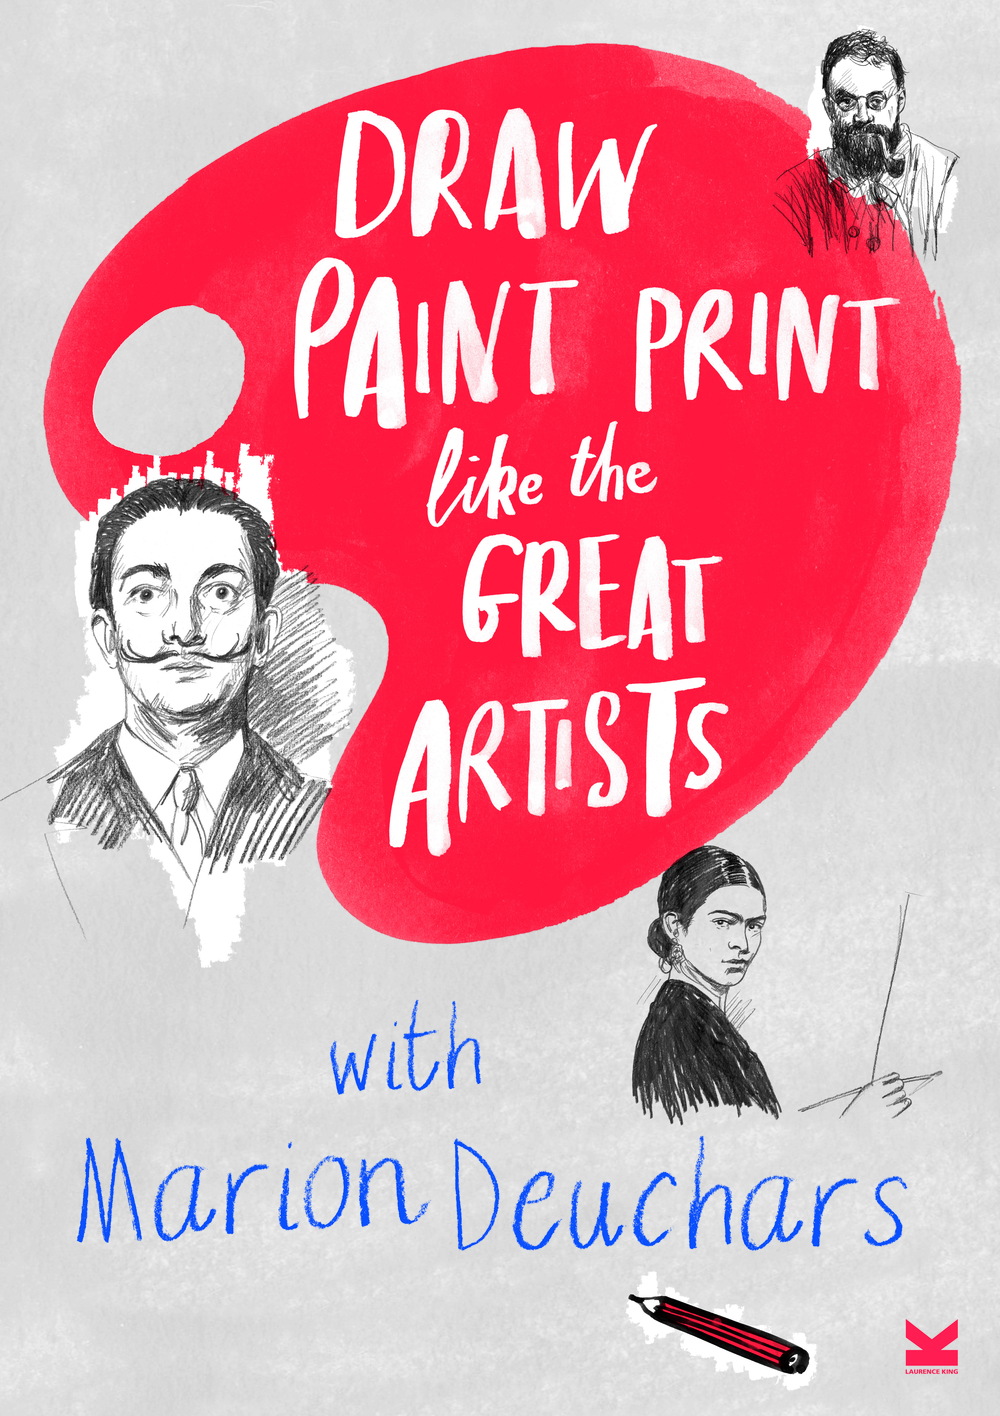 Marion_Poster.jpg